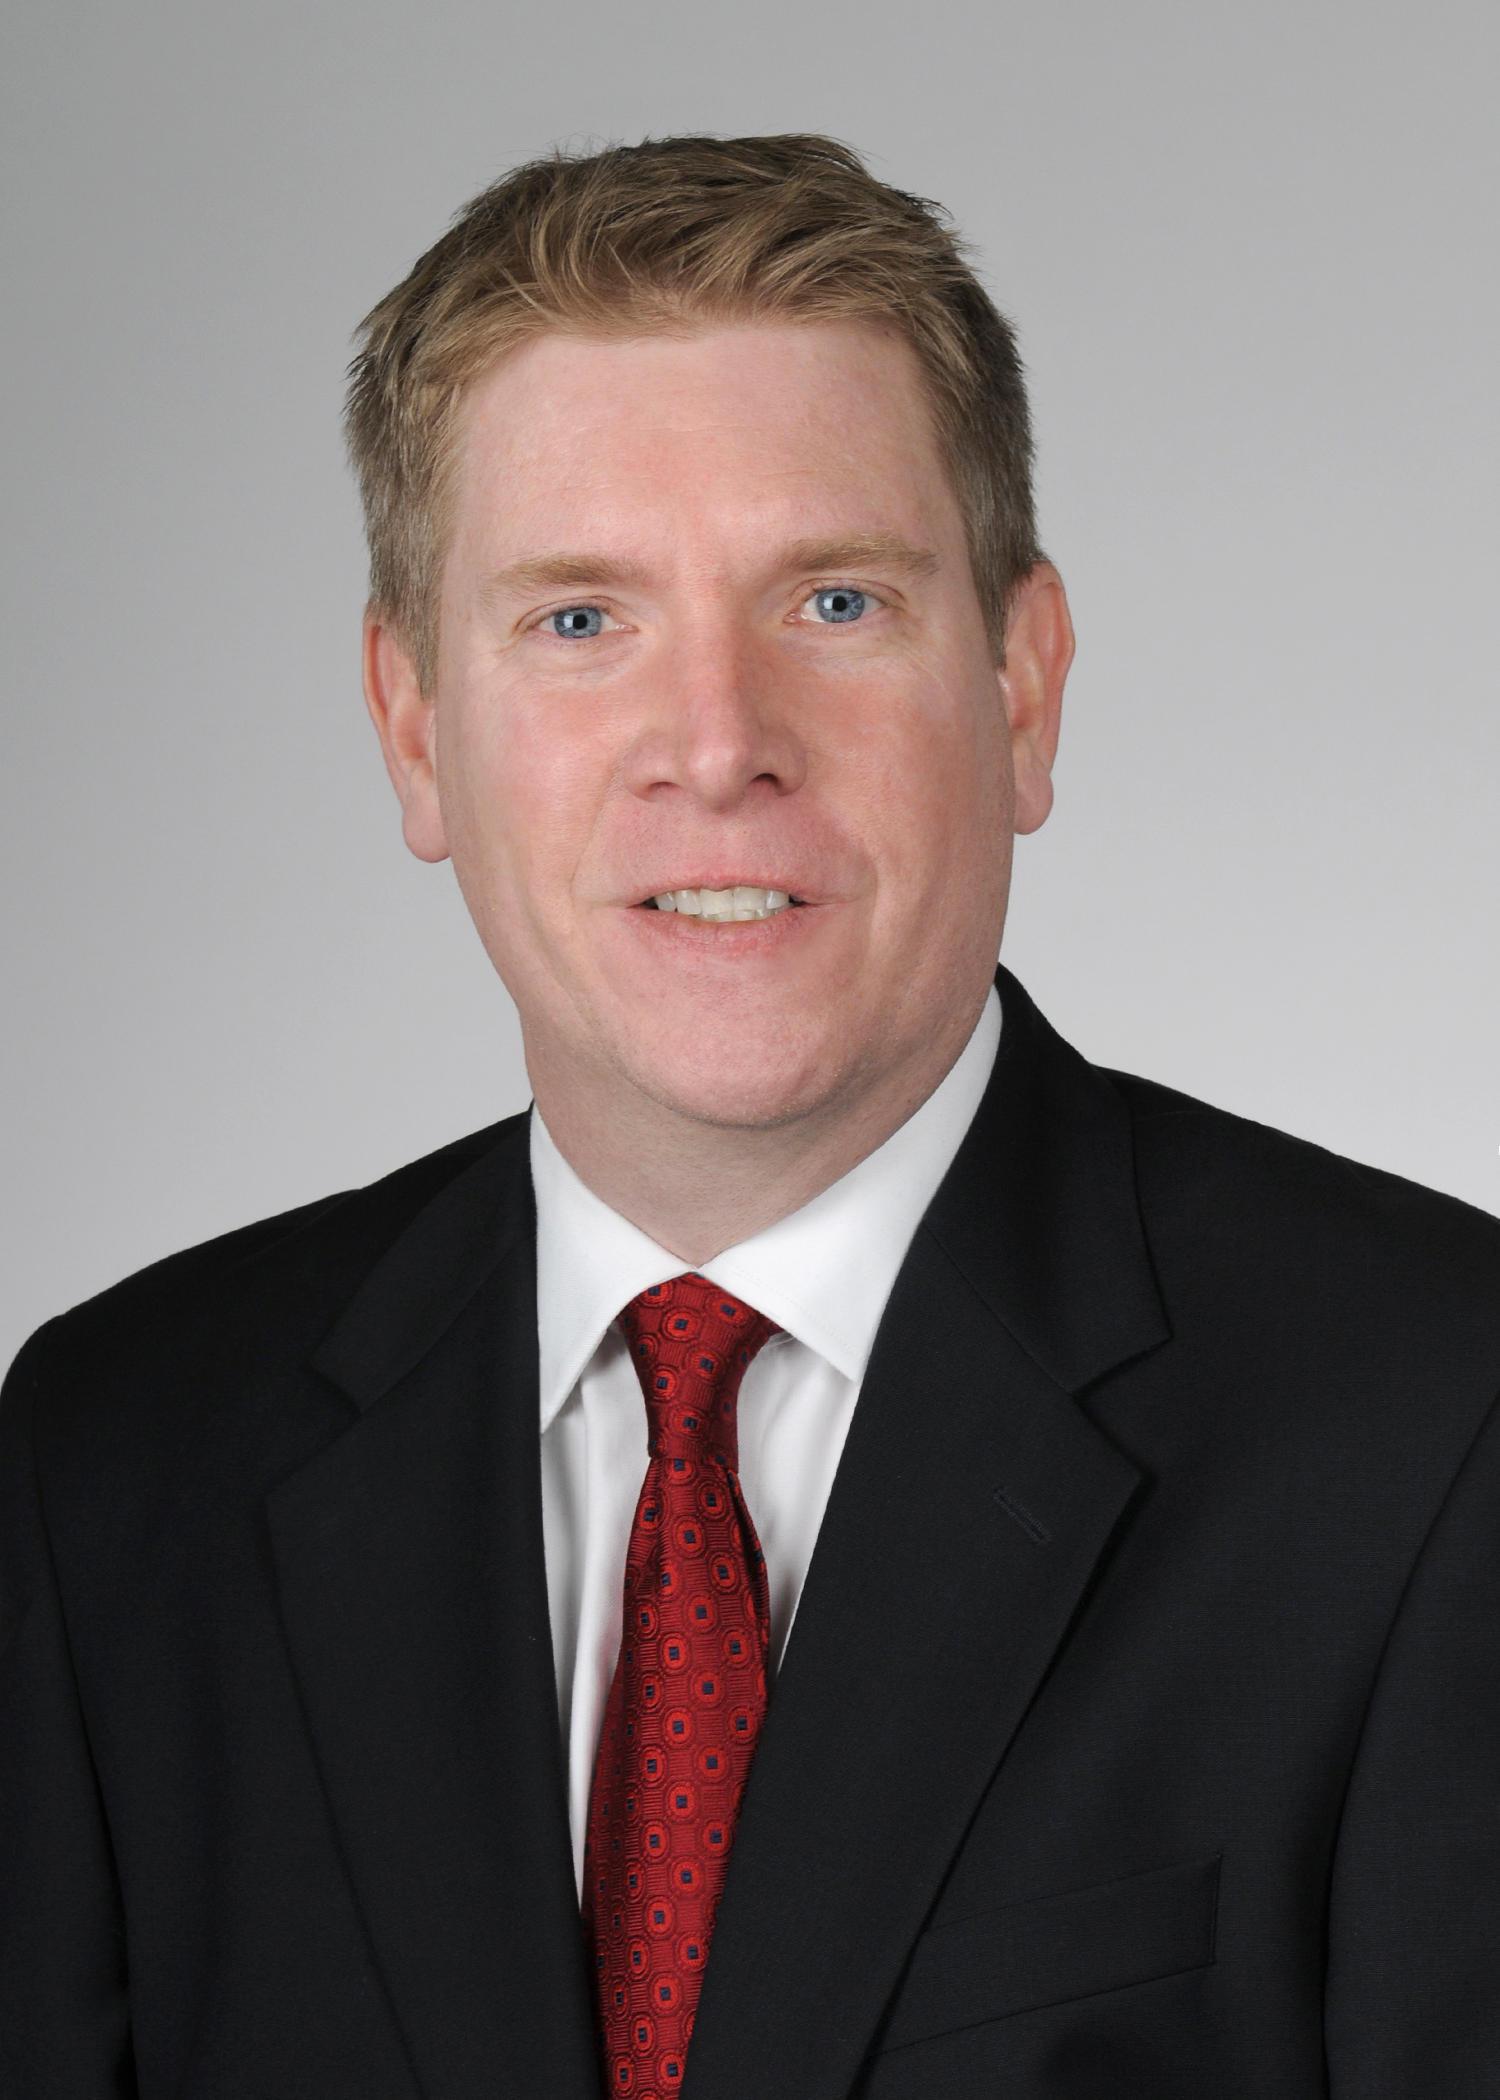 Martin Steed